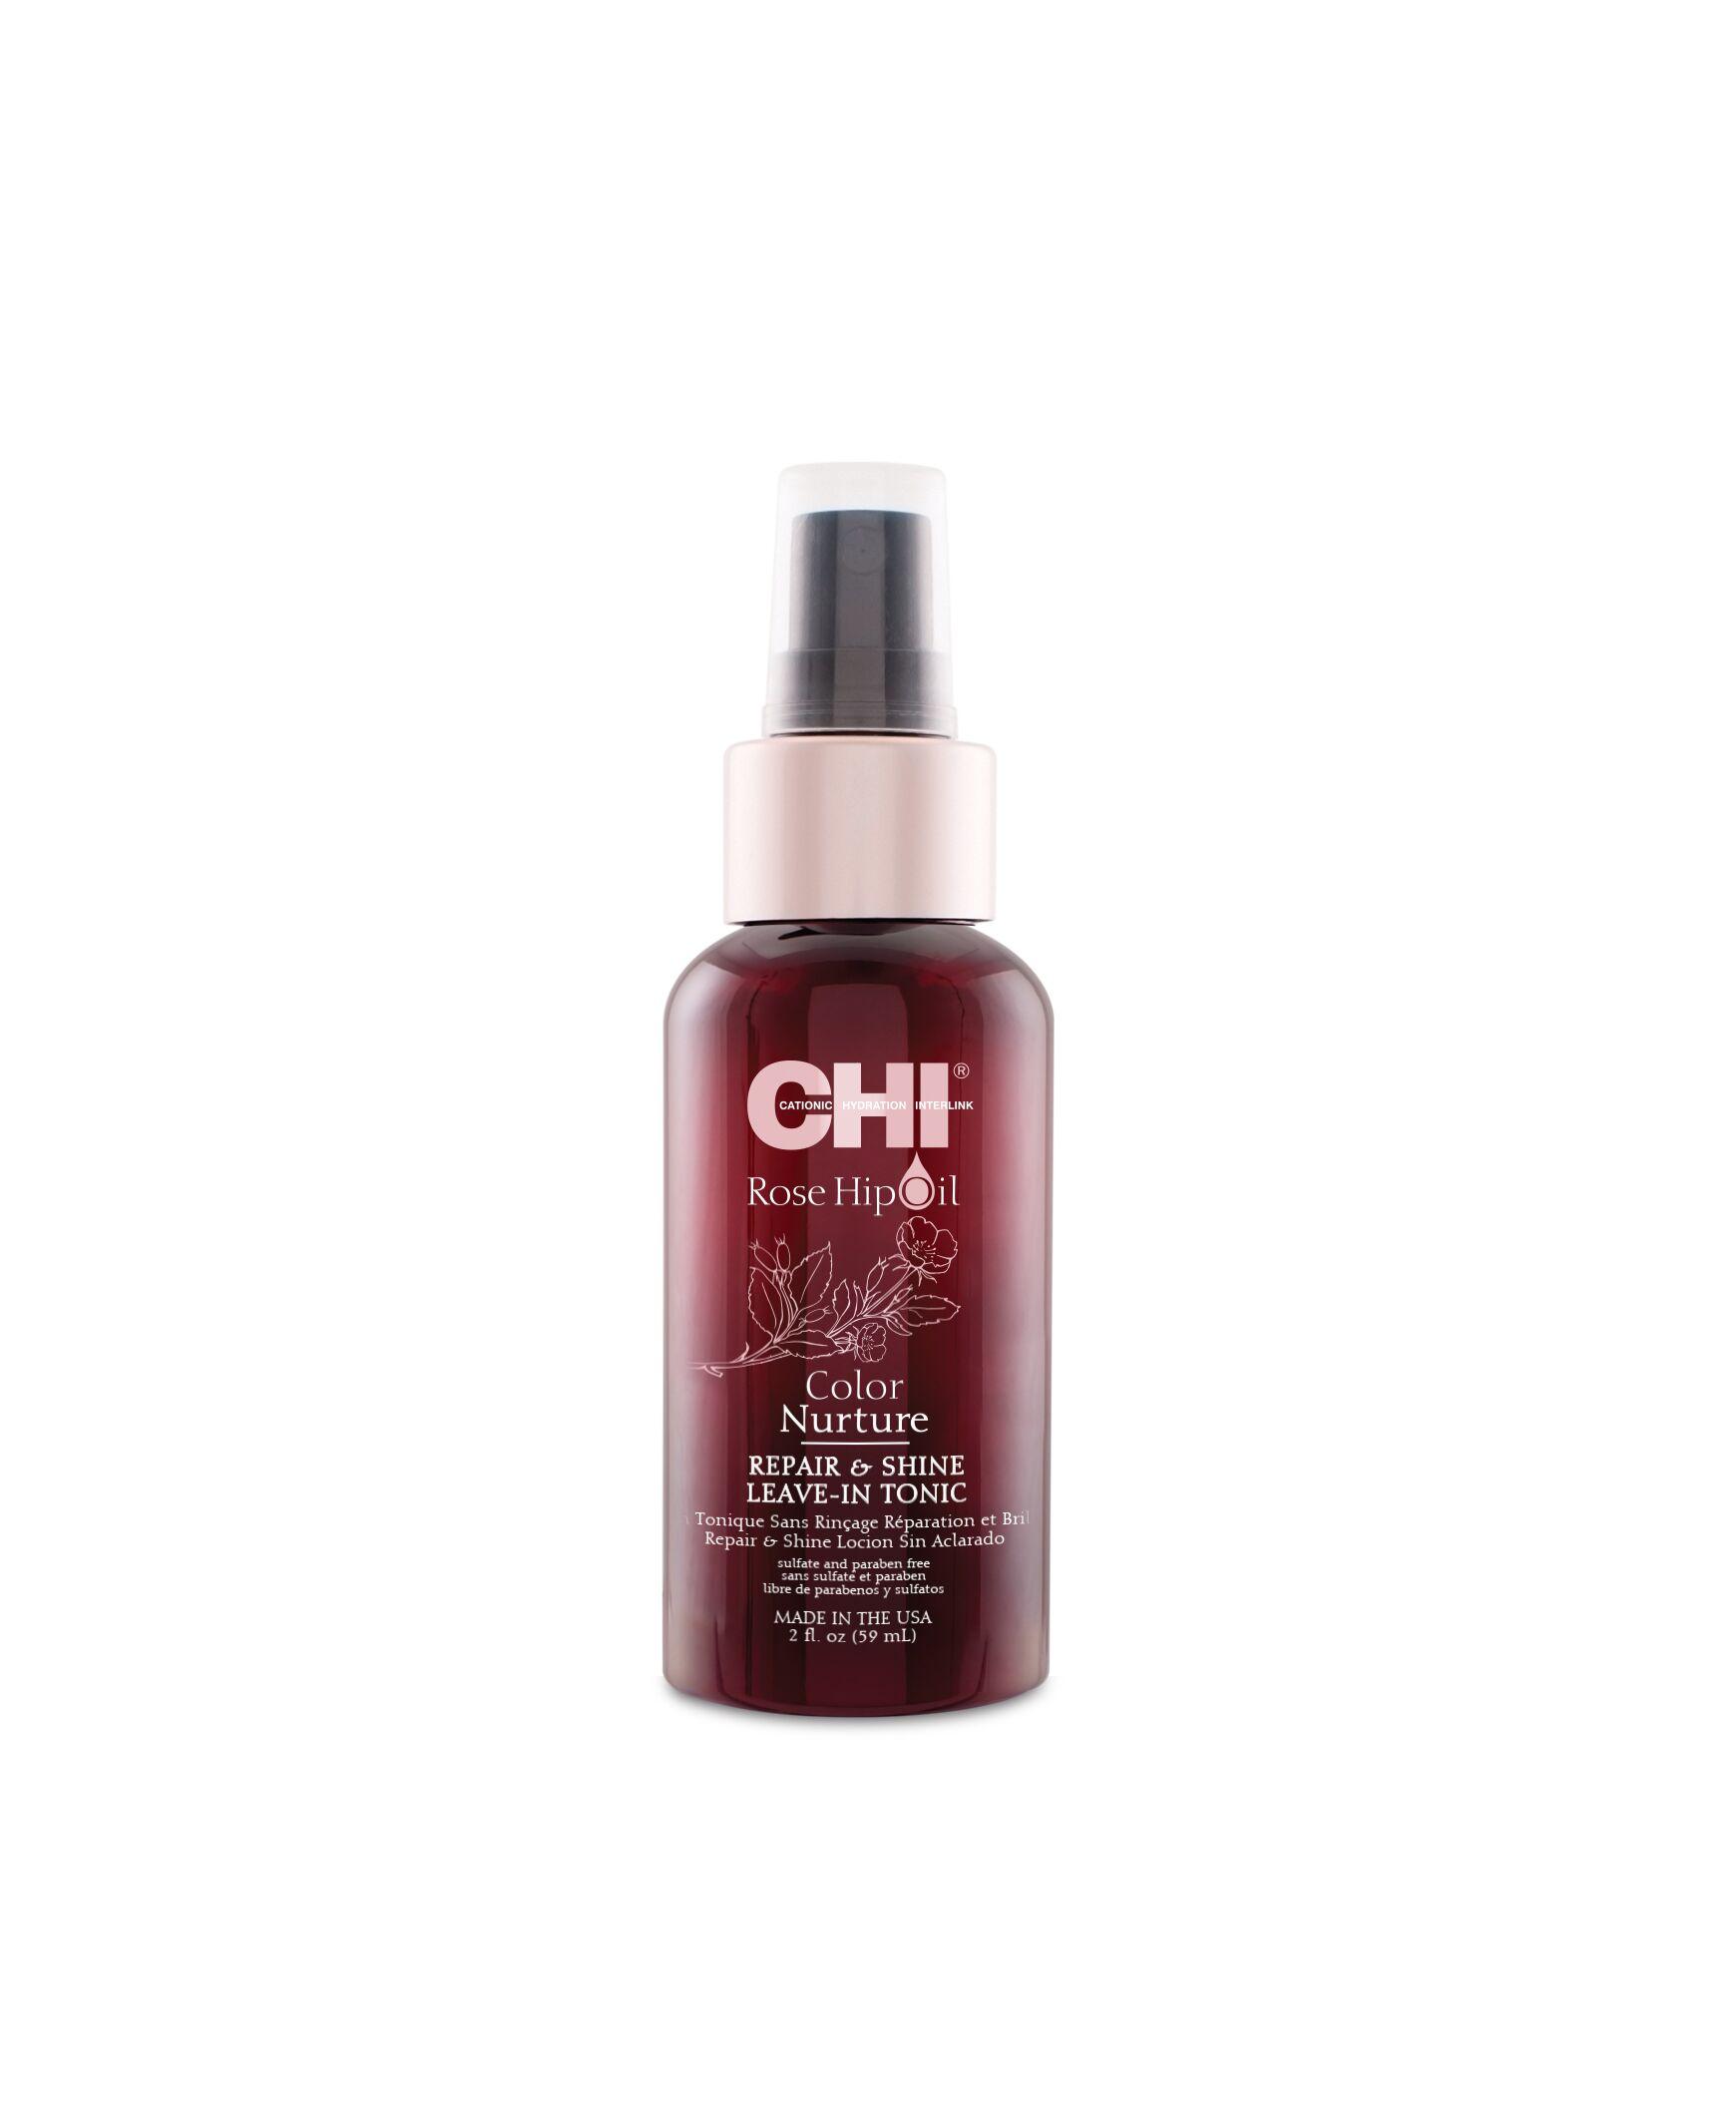 CHI Тоник для волос с маслом шиповника 59 мл